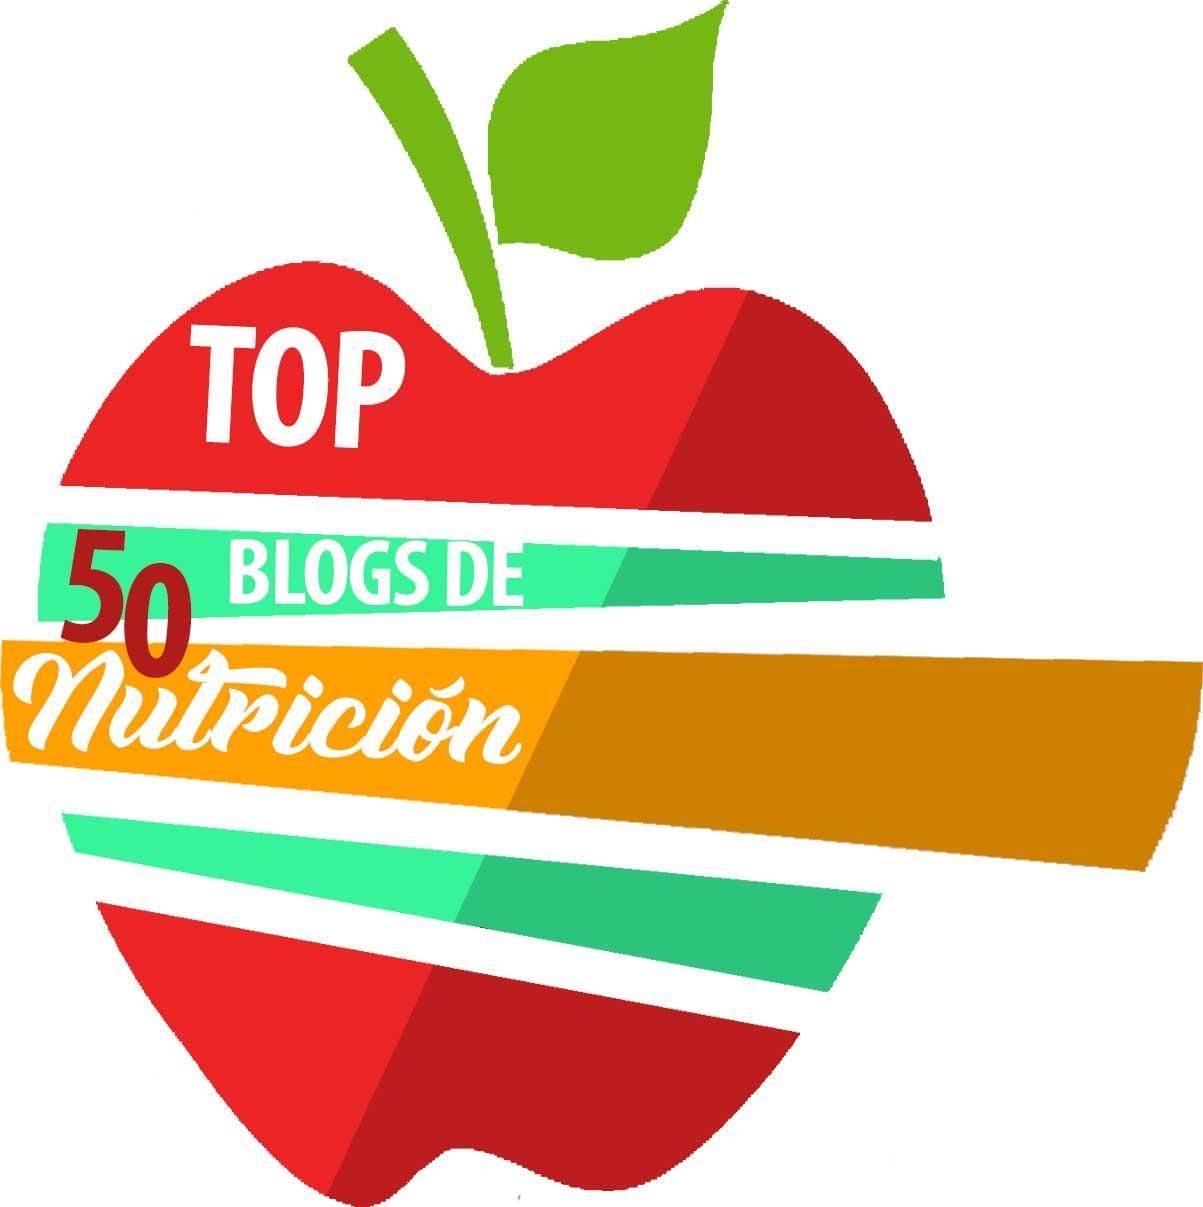 50 blogs de nutrição recomendados 1